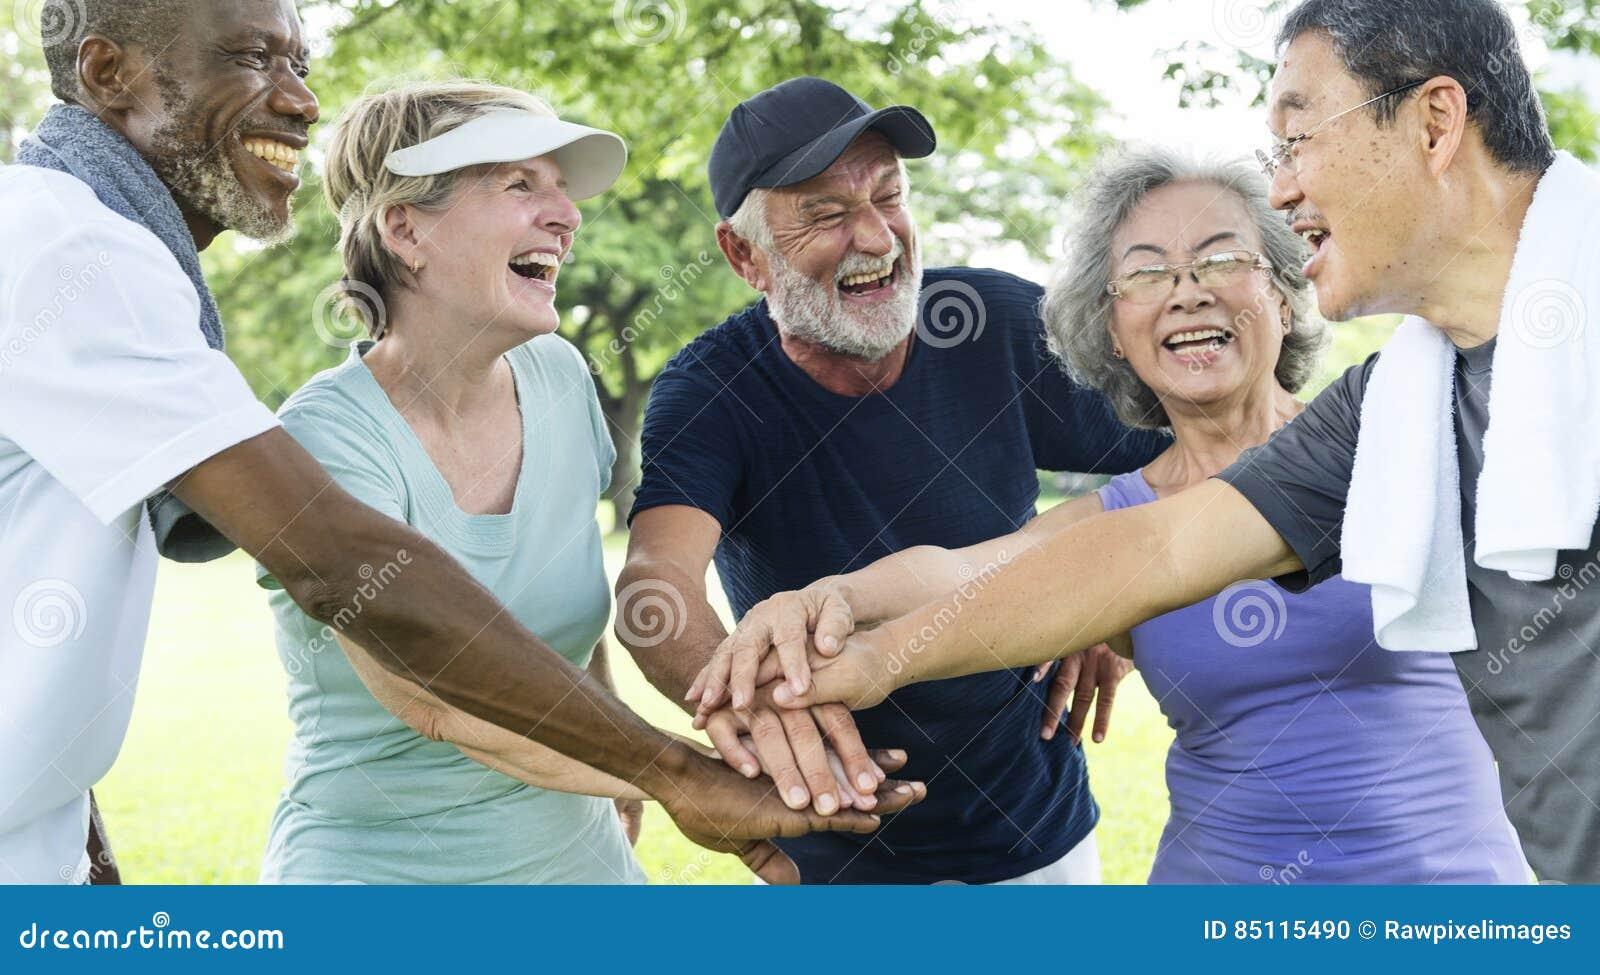 资深退休行使统一性概念的小组